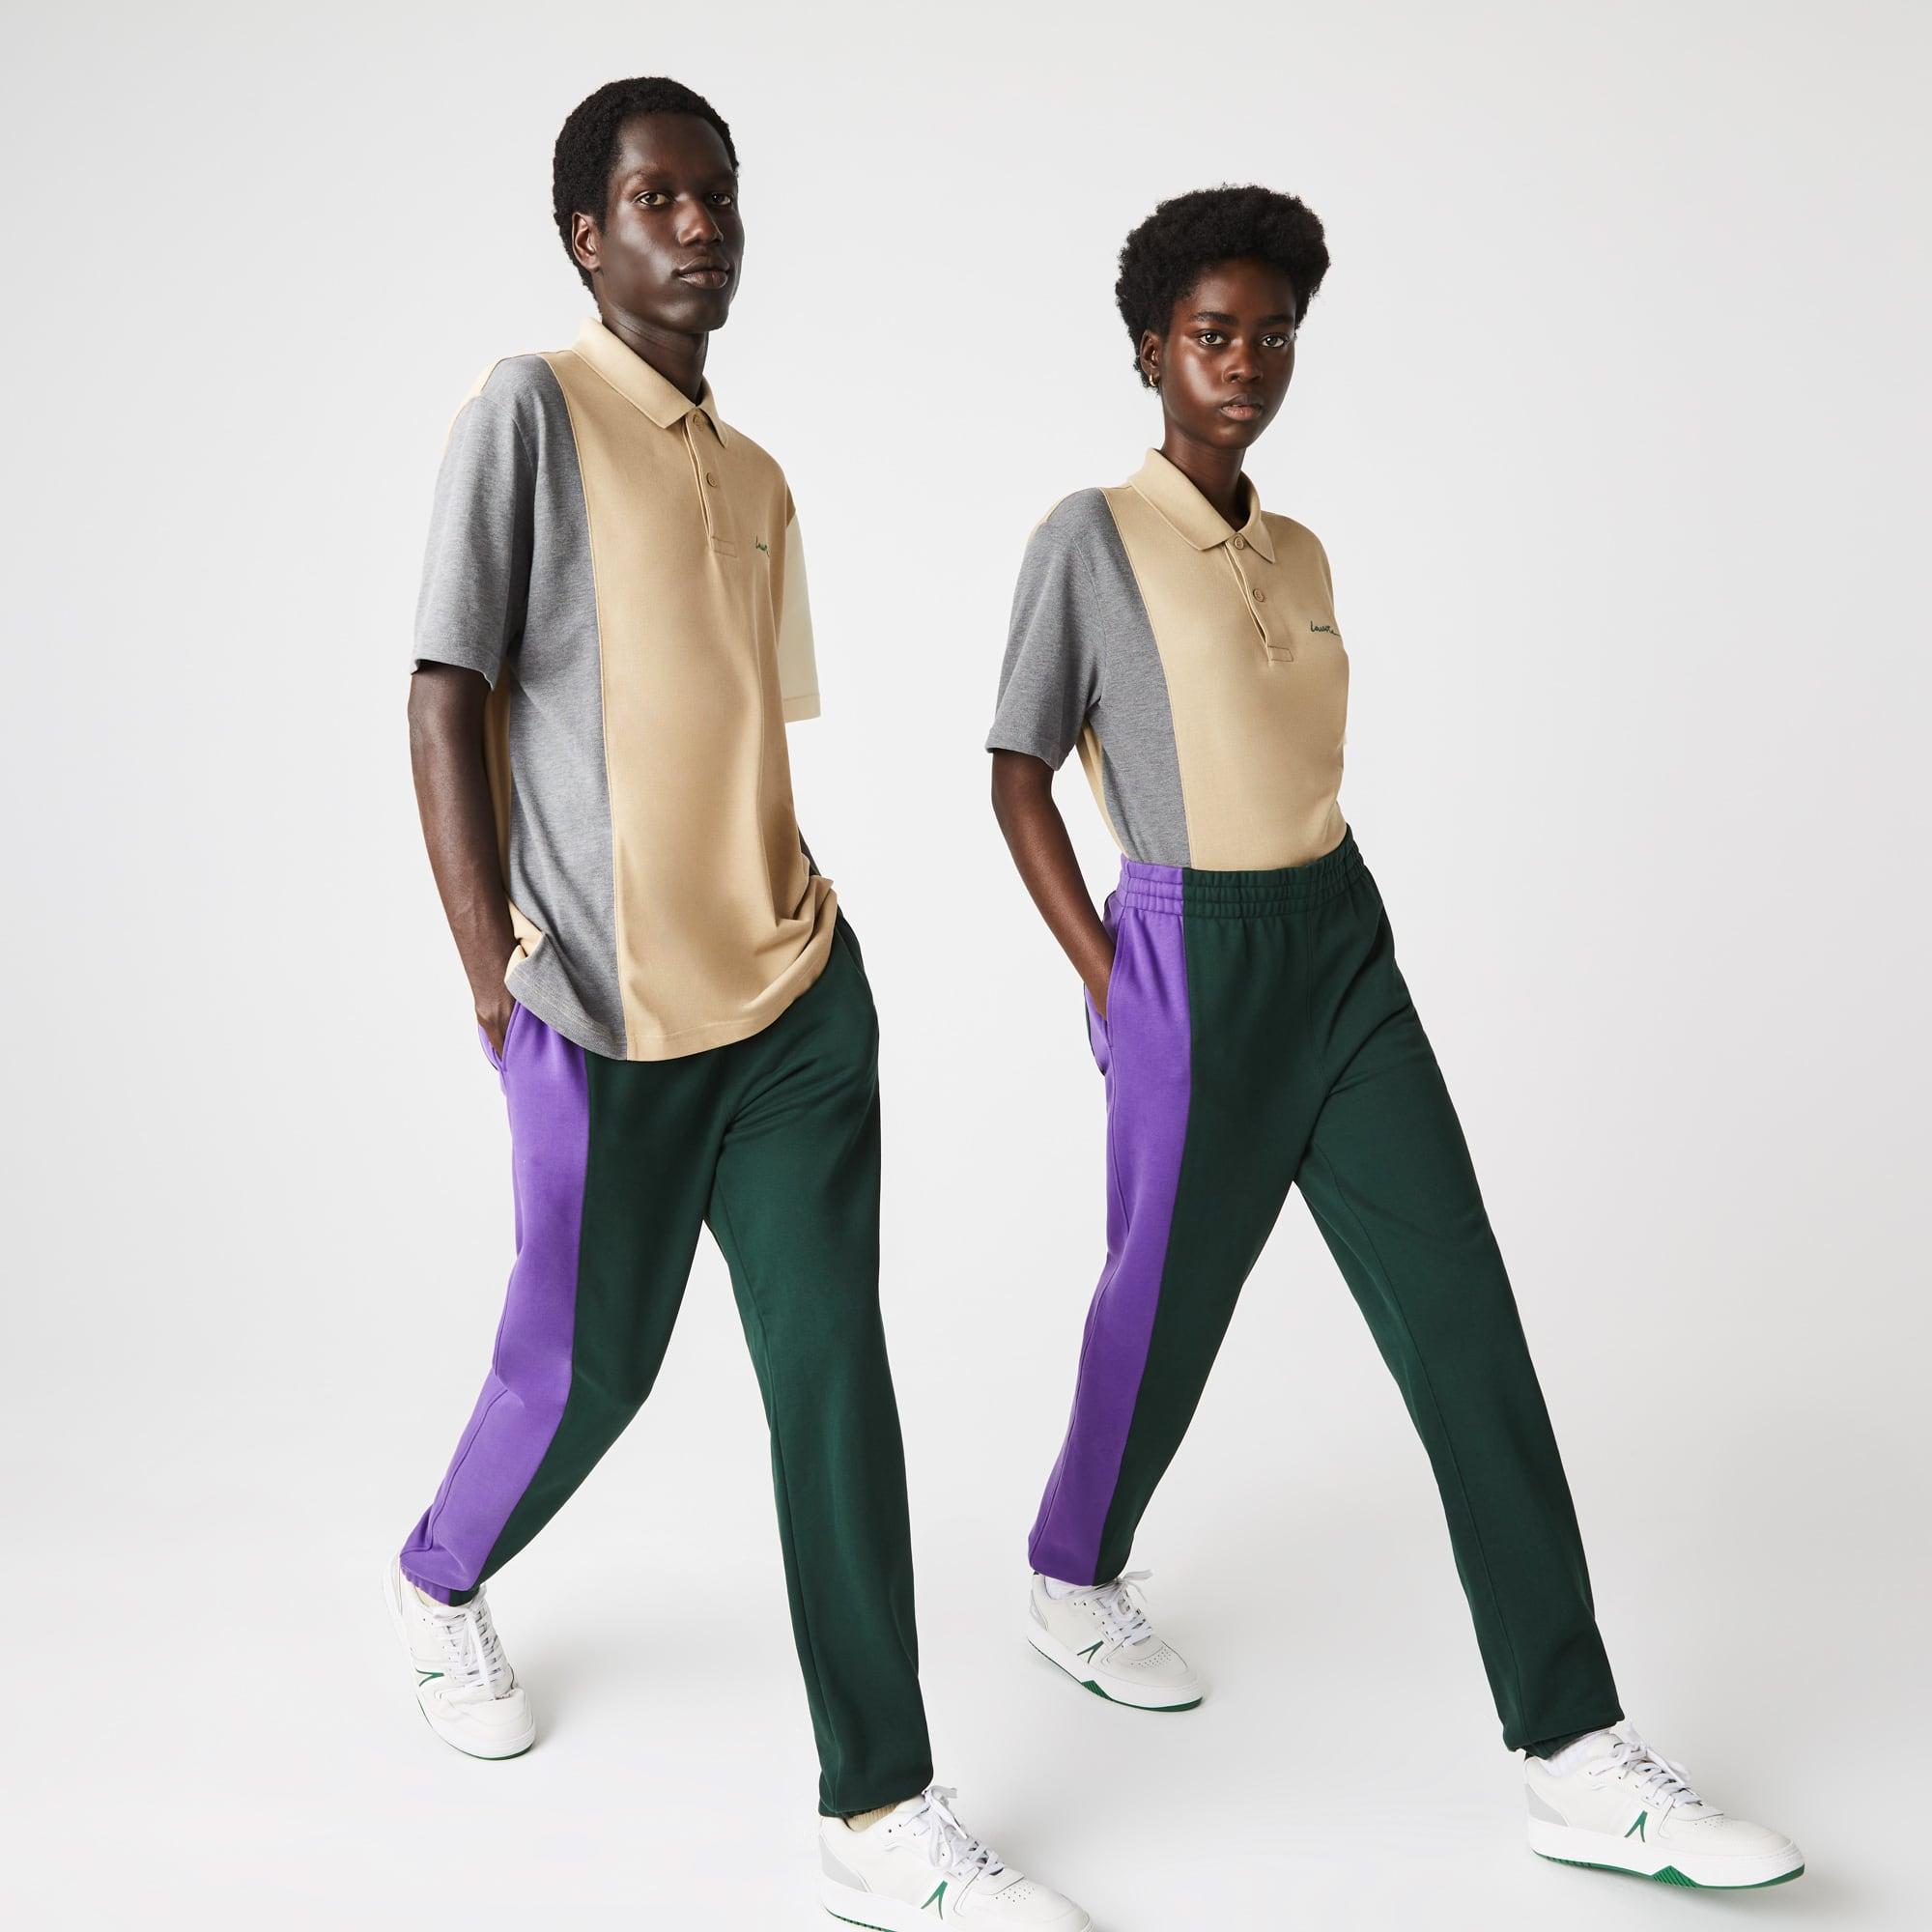 라코스테 라이브 남녀공용 트랙수트 팬츠 Lacoste Unisex LIVE Embroidered Two-Tone Fleece Tracksuit Pants,Green / Purple 17Y